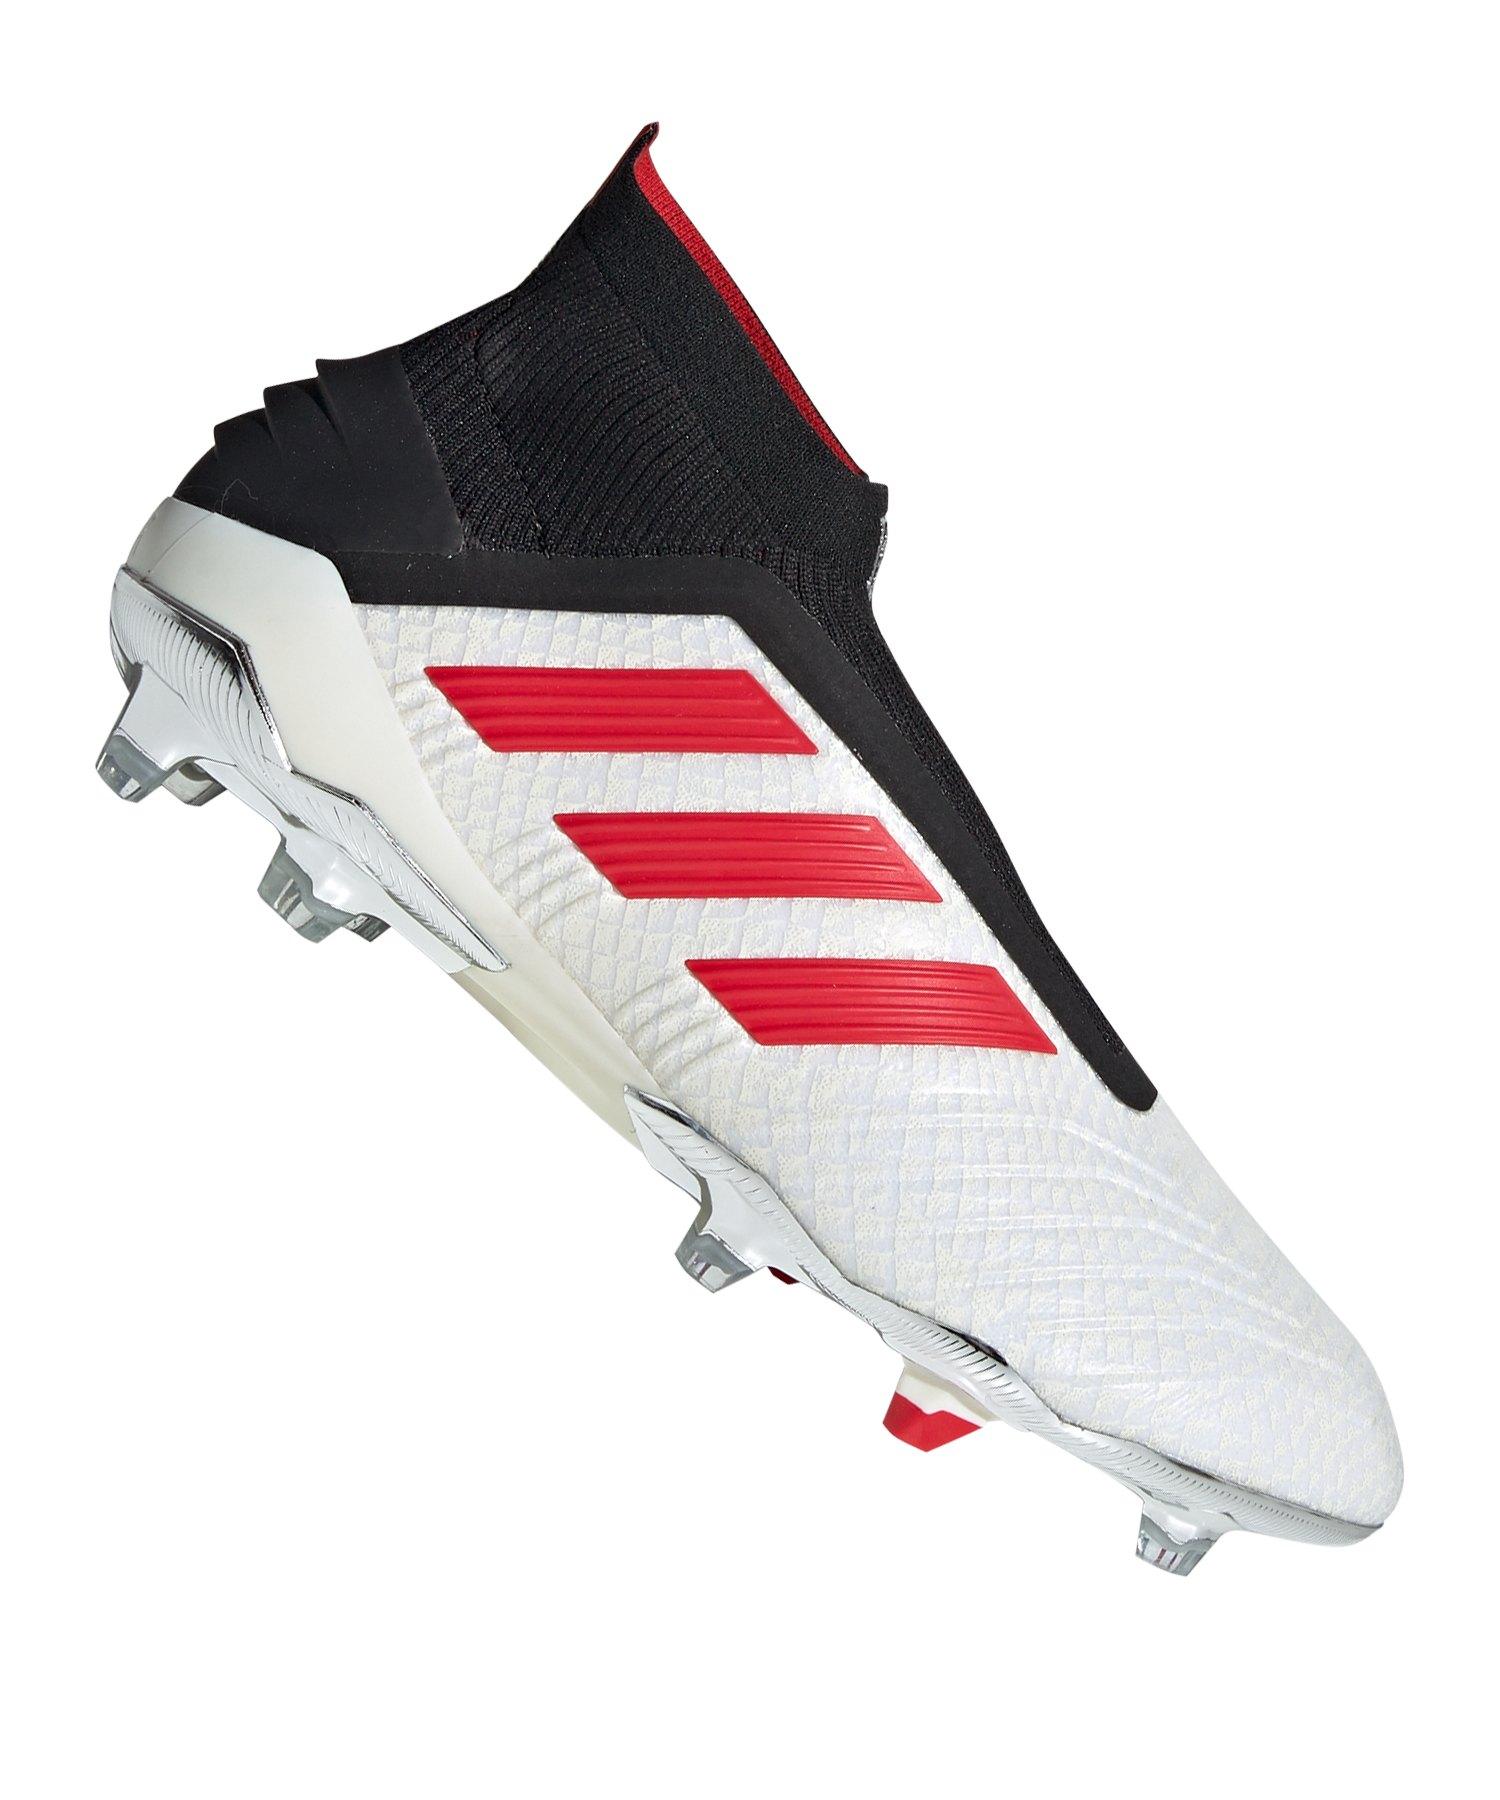 adidas Predator 19+ FG Pogba Weiss Schwarz